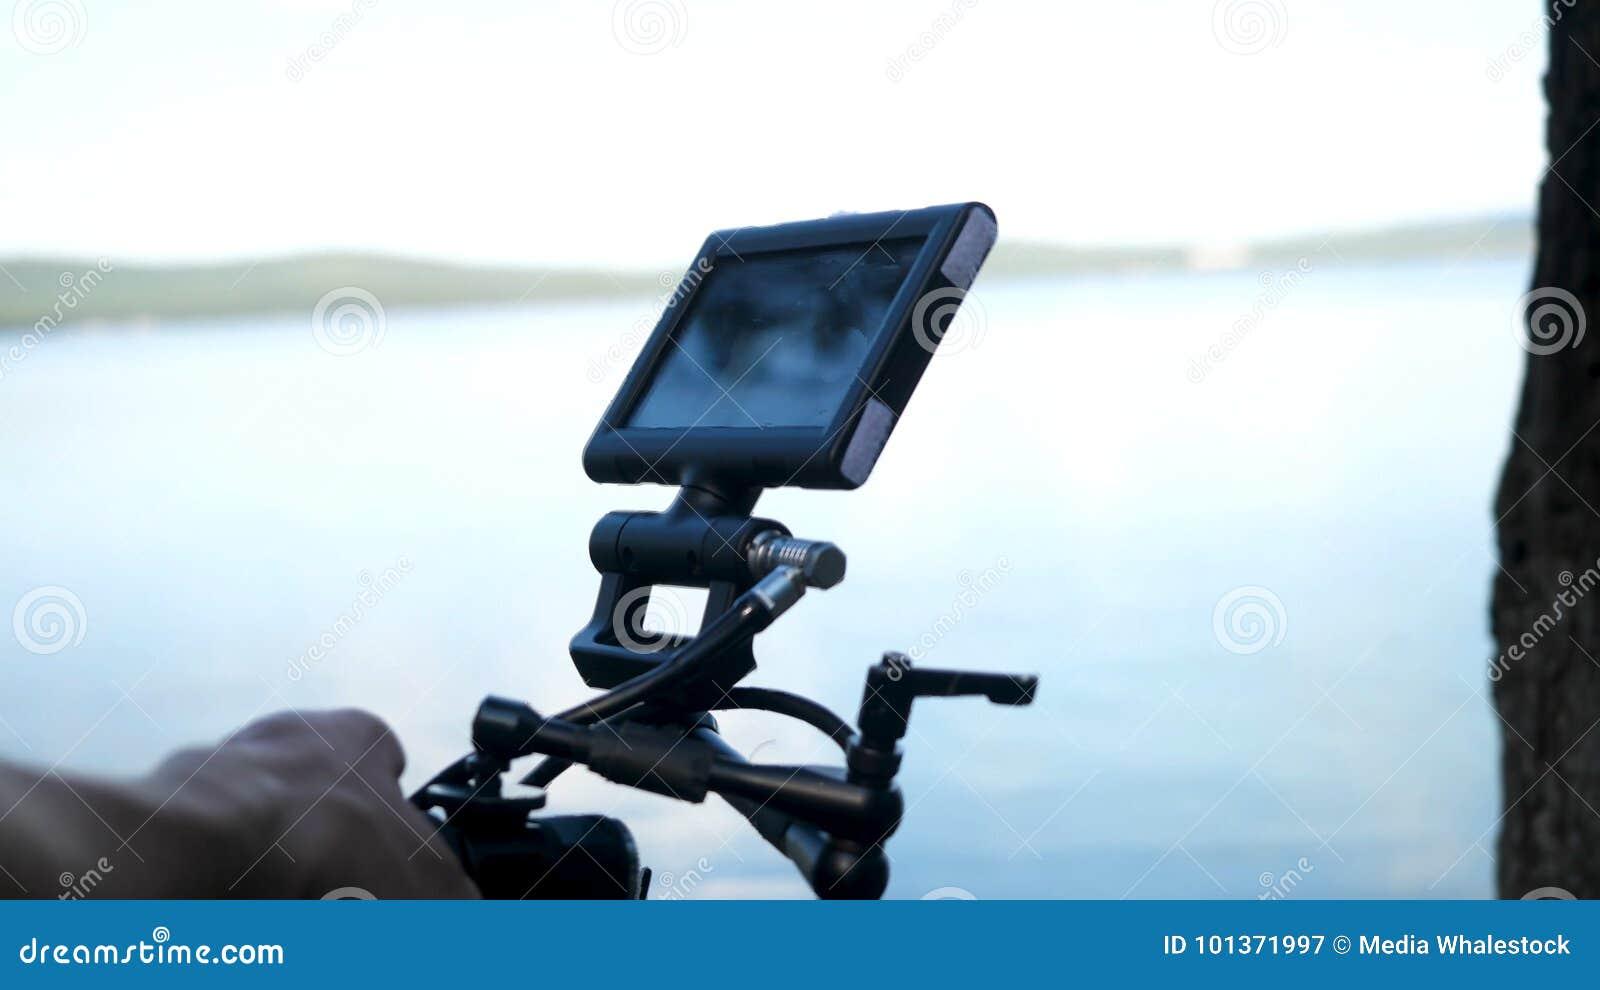 Άτομο που κρατά μια μαγνητοσκόπηση καμερών ένας κινηματογράφος στη δασική ακριβή κάμερα για τον κινηματογράφο στα ξύλα